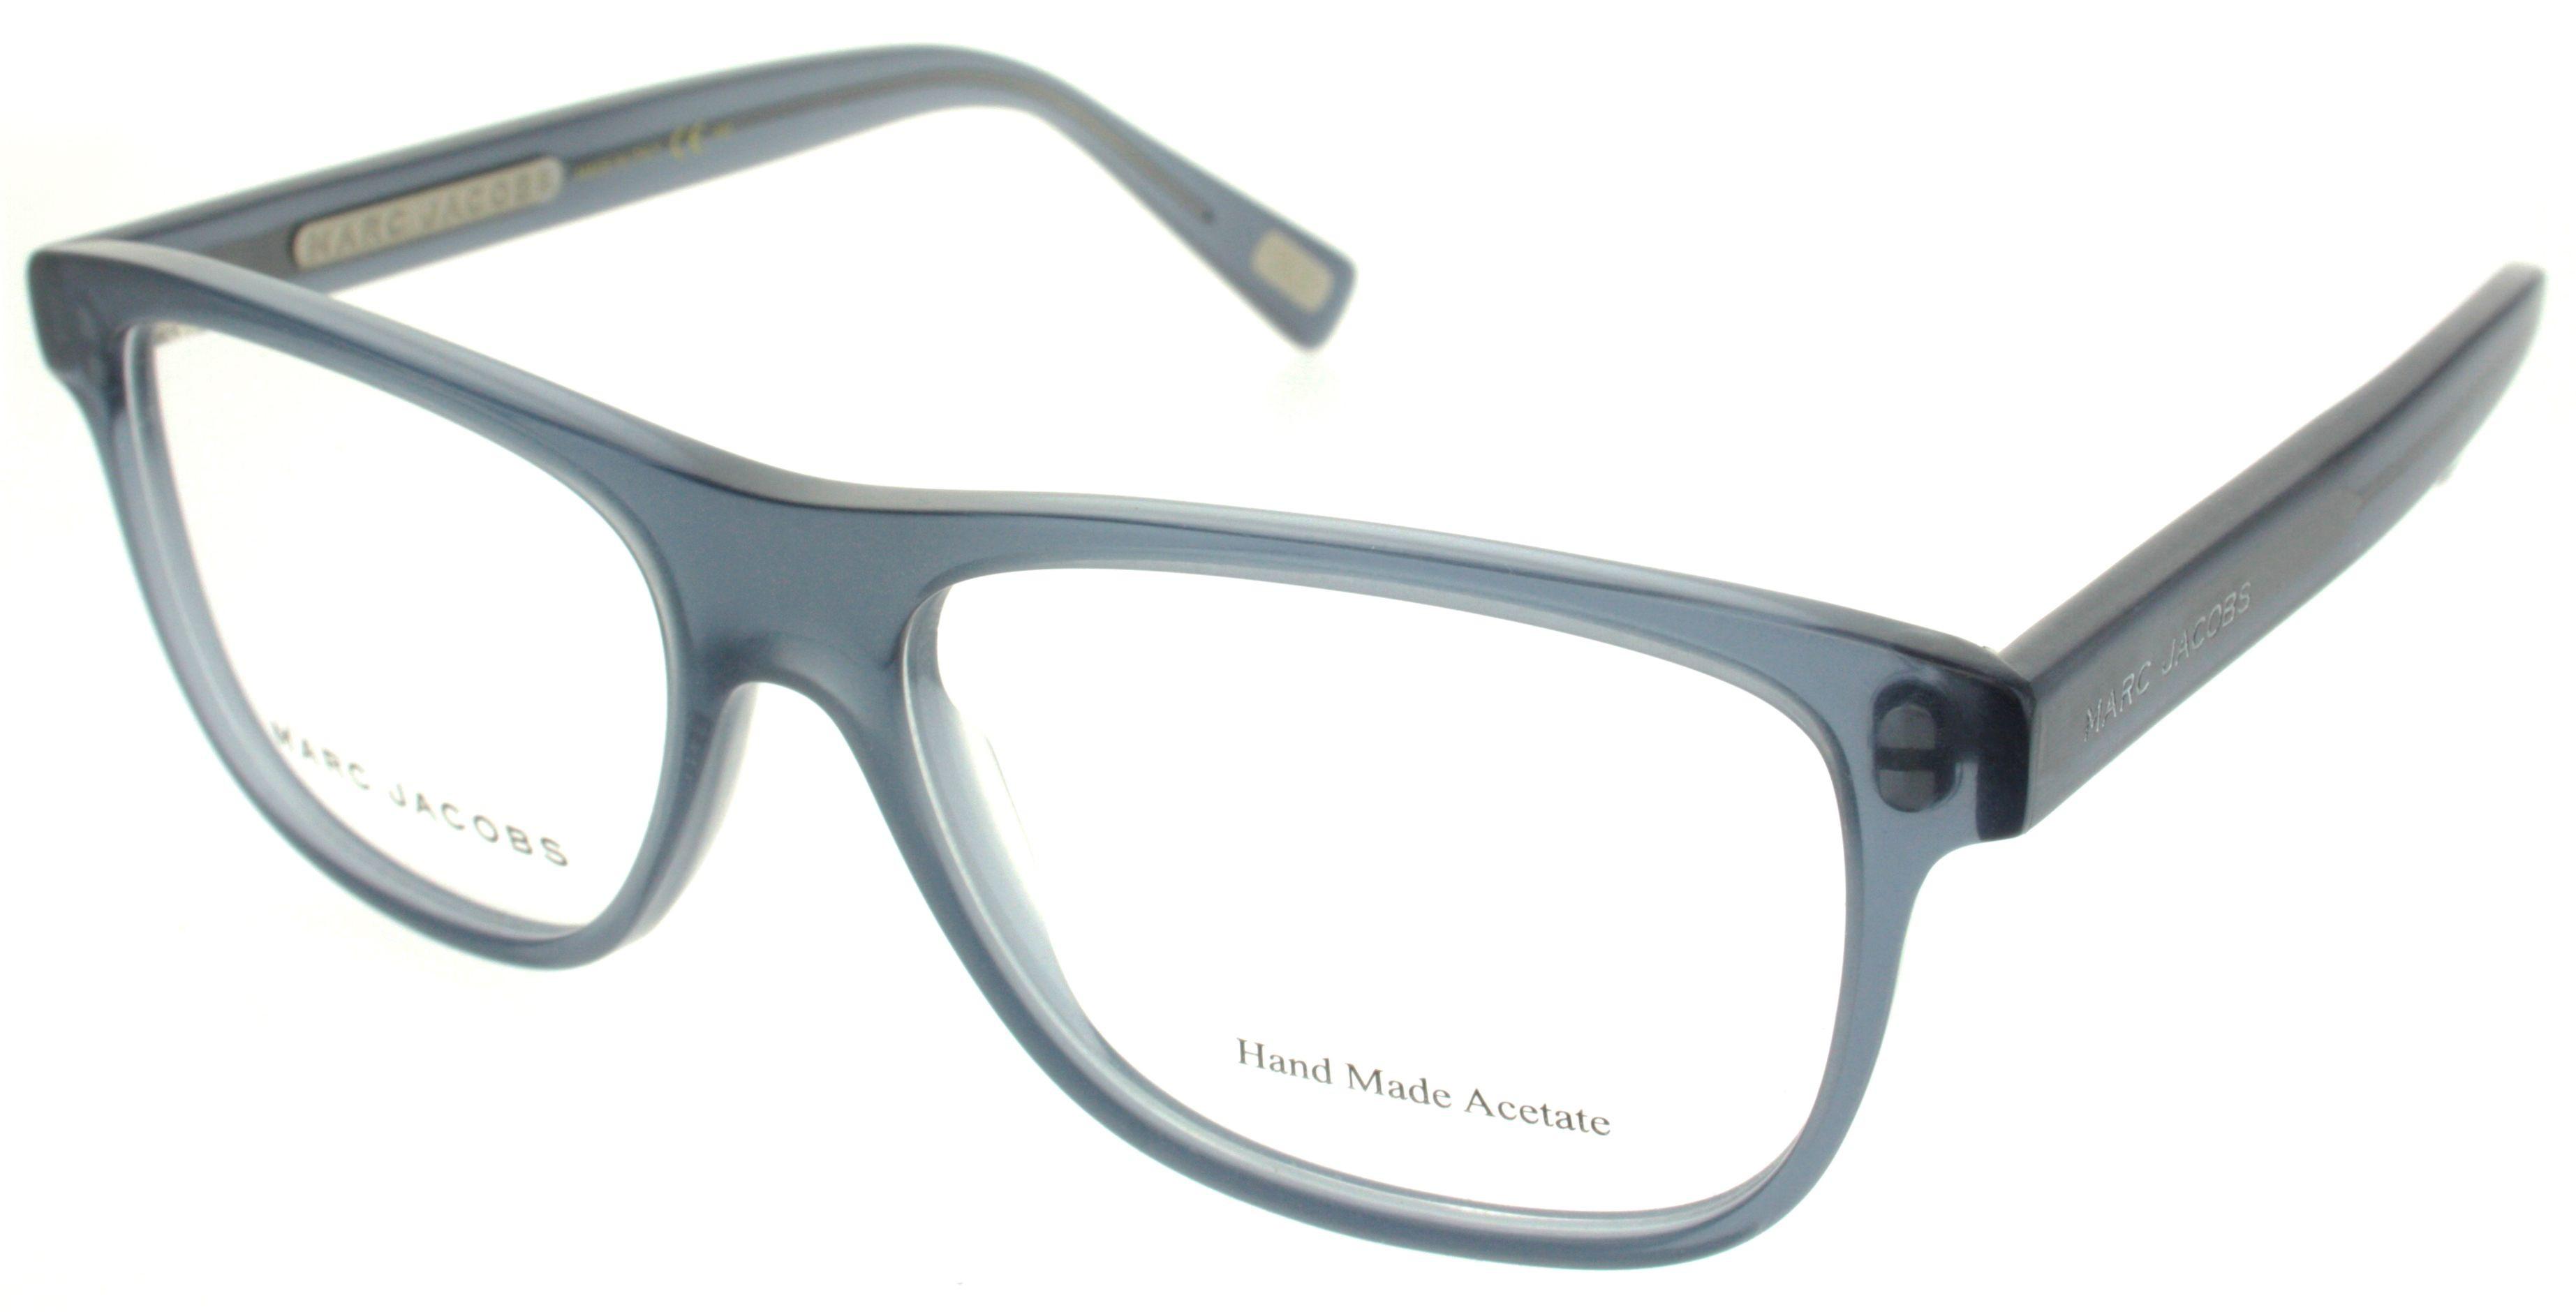 e66b90f6f8e799 1001optic   Vos Lunettes à Prix Net - Toutes les lunettes les plus ...